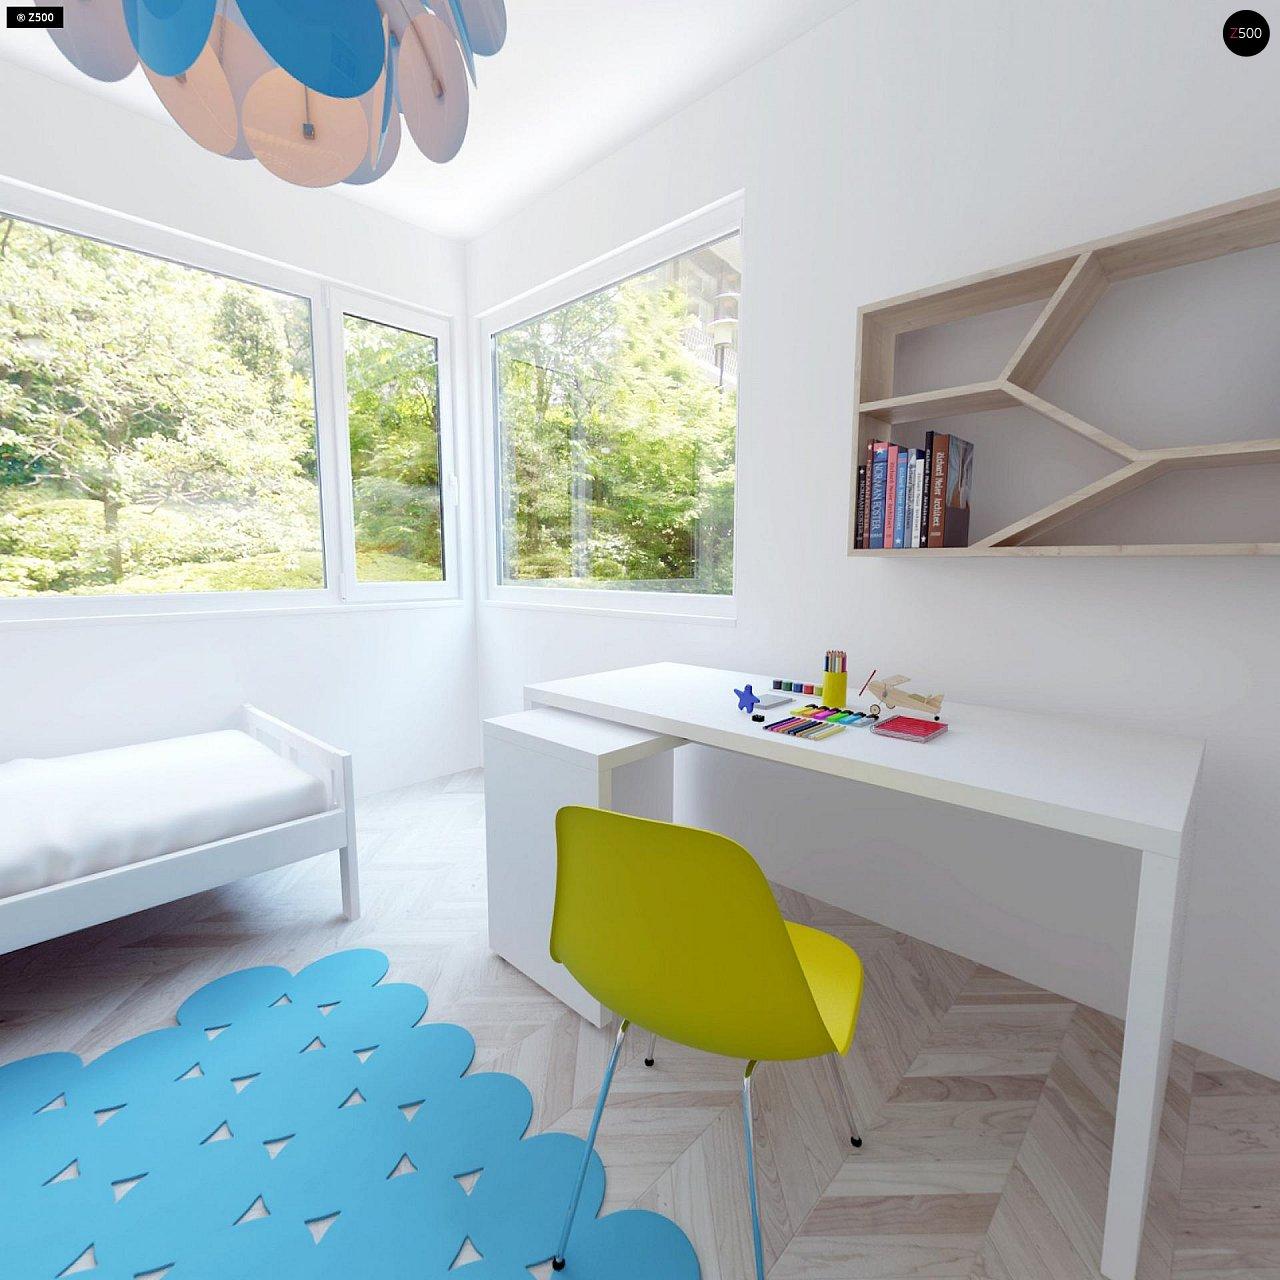 Проект компактного, функционального дома, с кирпичной облицовкой фасадов. 19